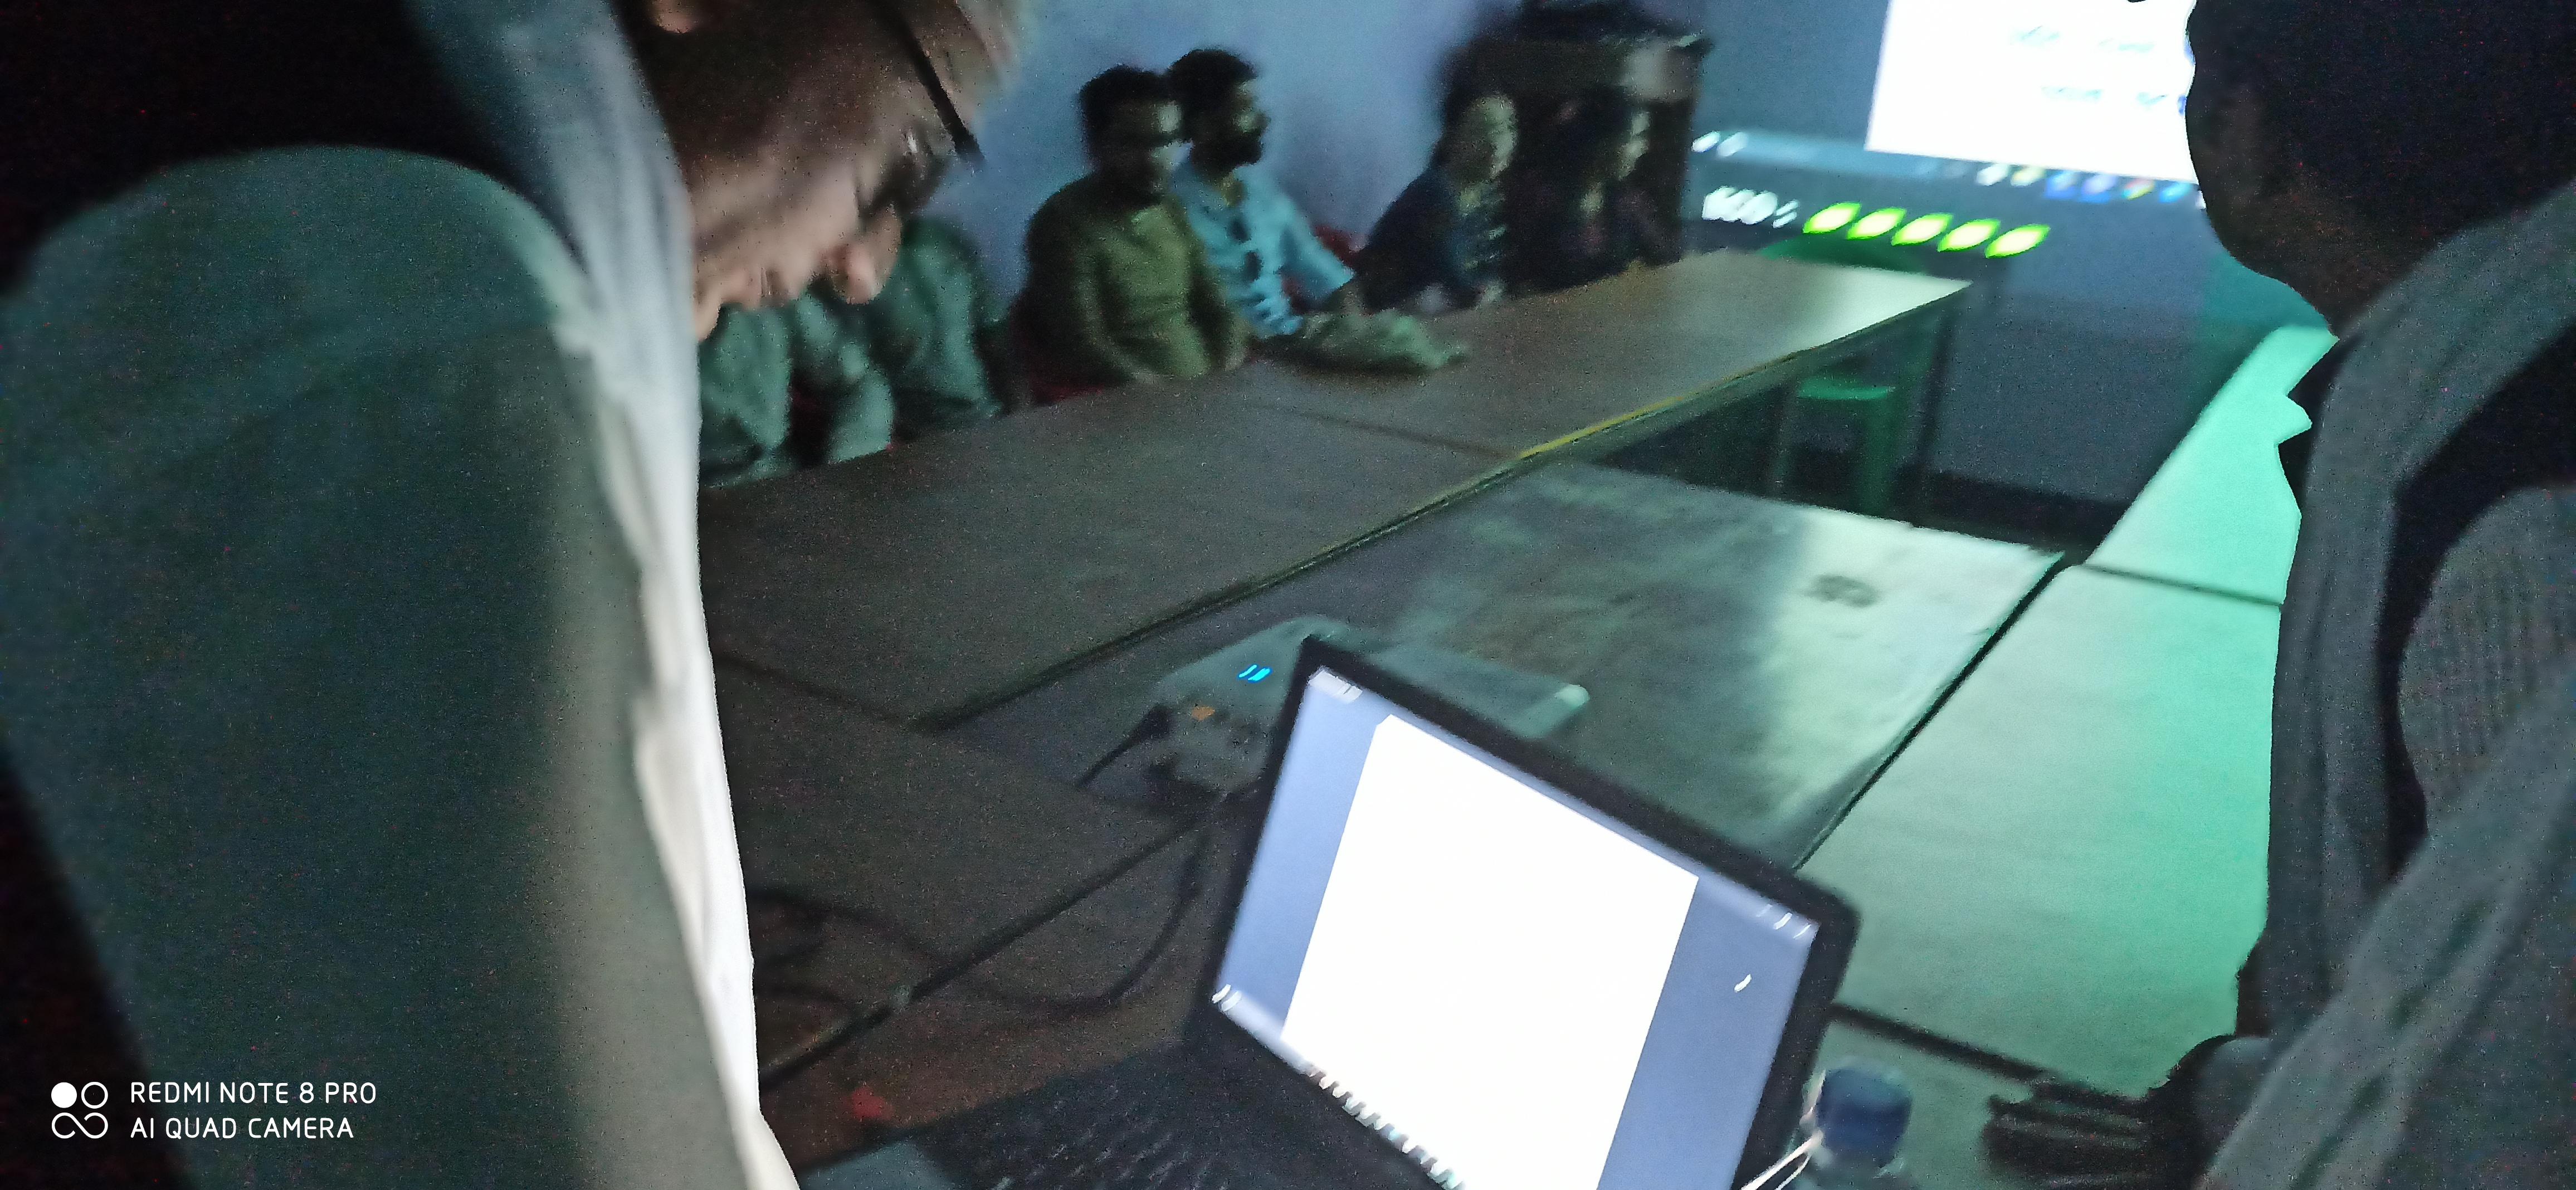 बुटवल-१० कालिकानगरमा सन्चालित ३ महिने मोबाइल मर्मत तालिमको उद्घाटन कार्यक्रमका तस्विरहरु